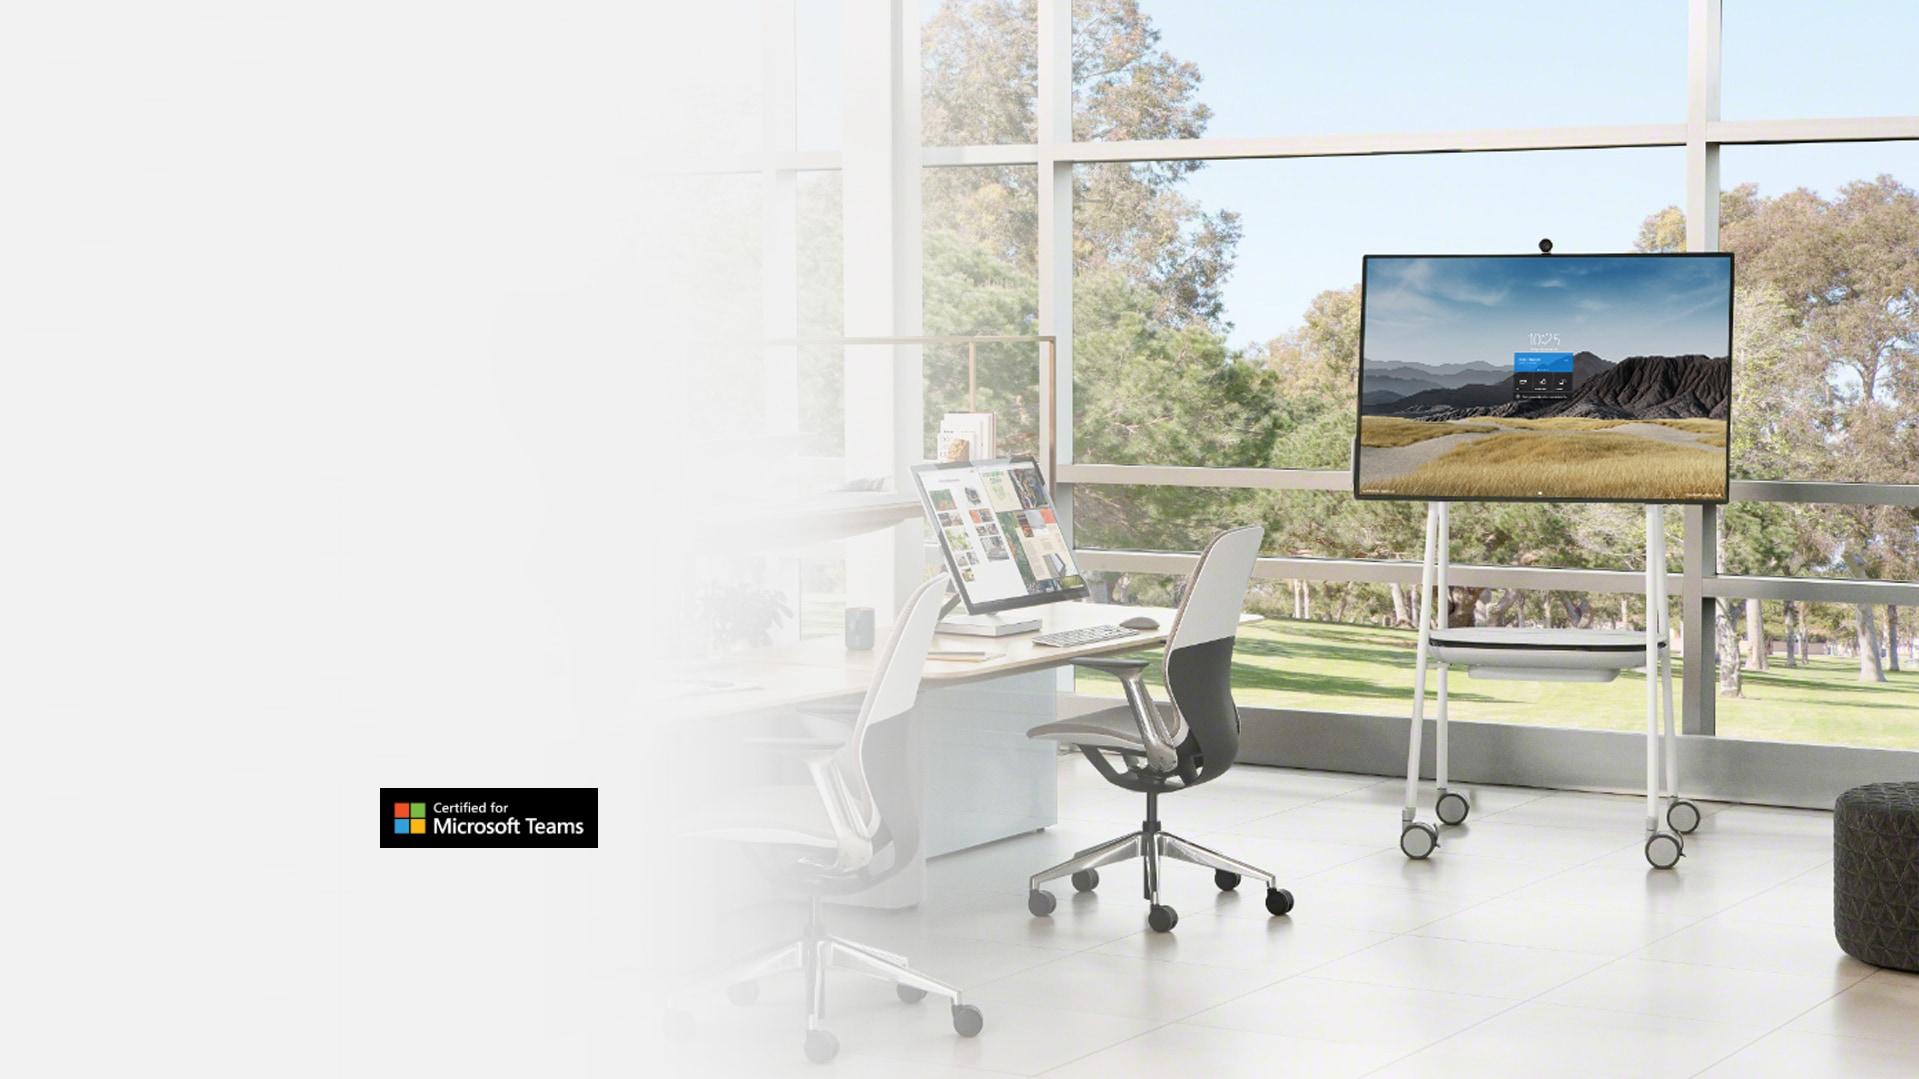 جهاز Surface Hub 2S بشاشة حجم 50 بوصة معروض في بيئة مكتبية